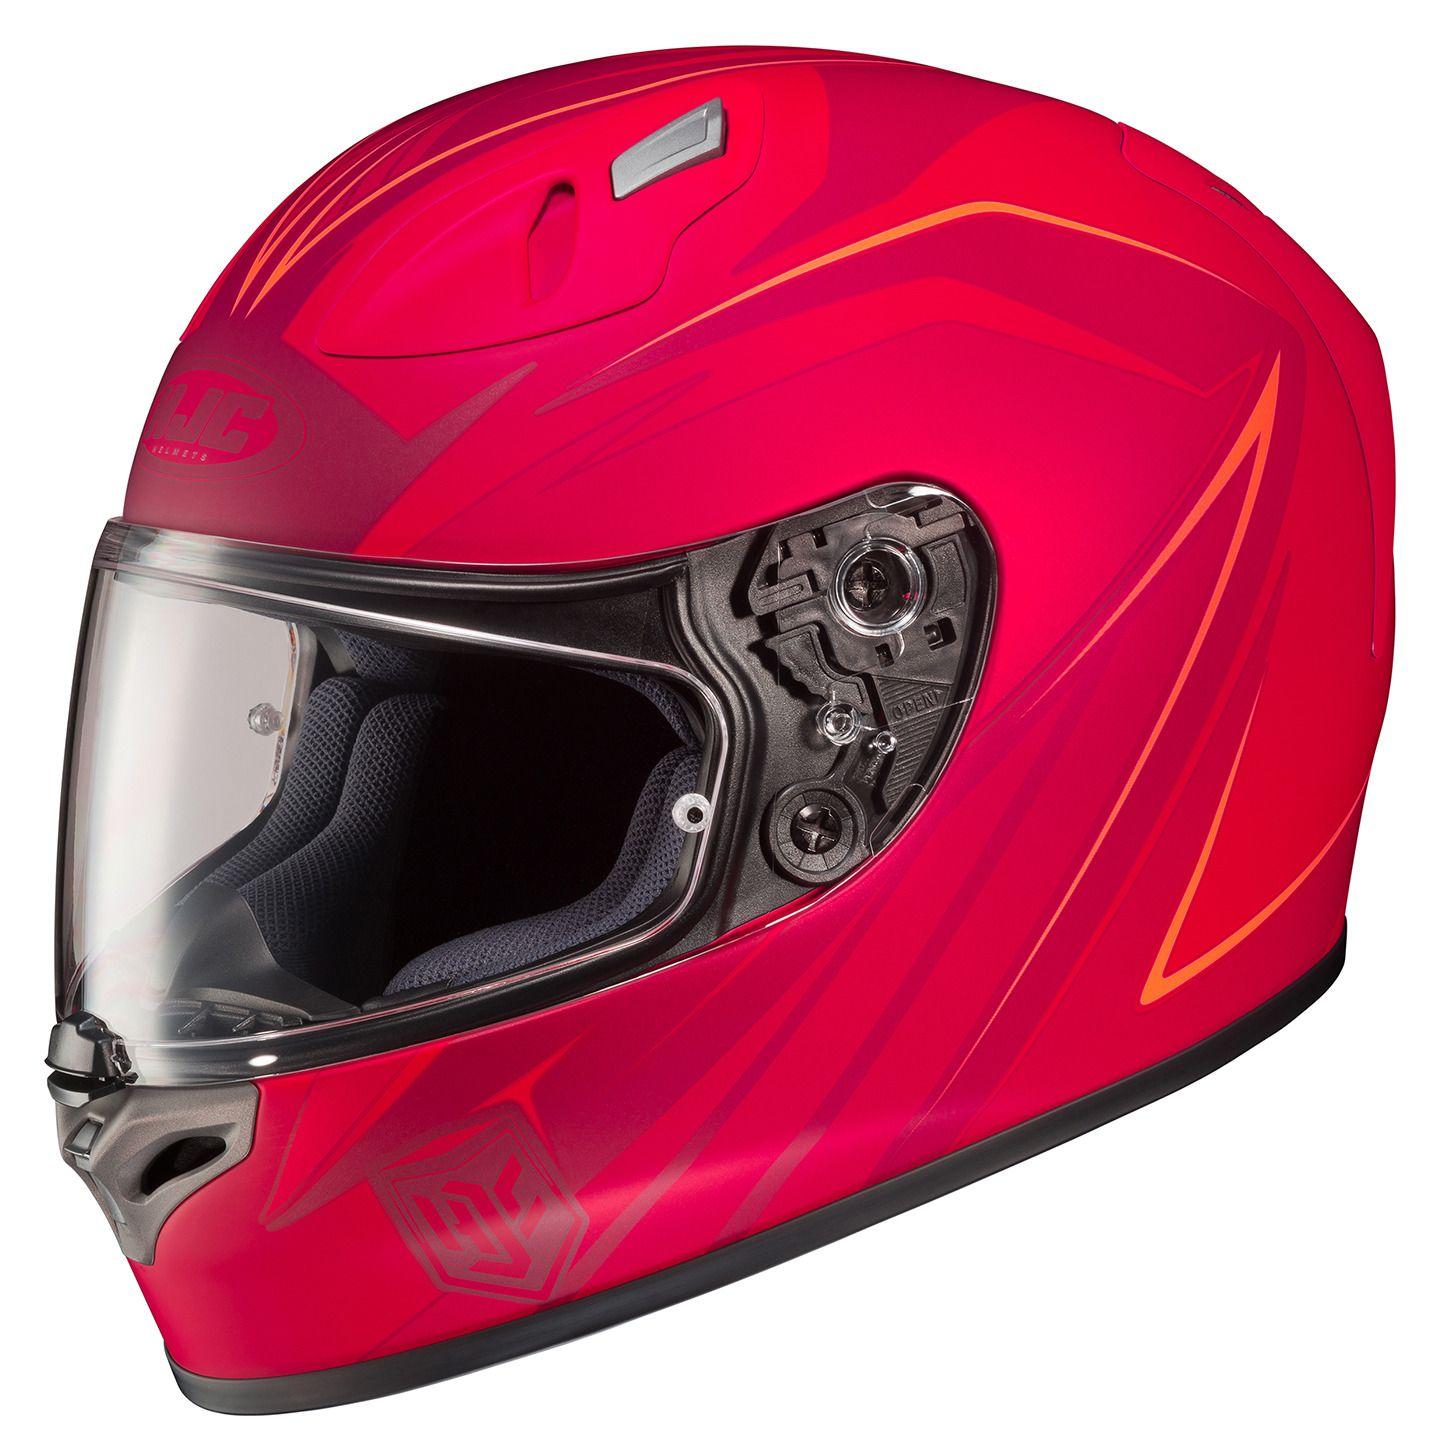 HJC FG Thrust Helmet RevZilla - Motorcycle helmet decals graphicsmotorcycle helmet graphics the easy helmet upgrade